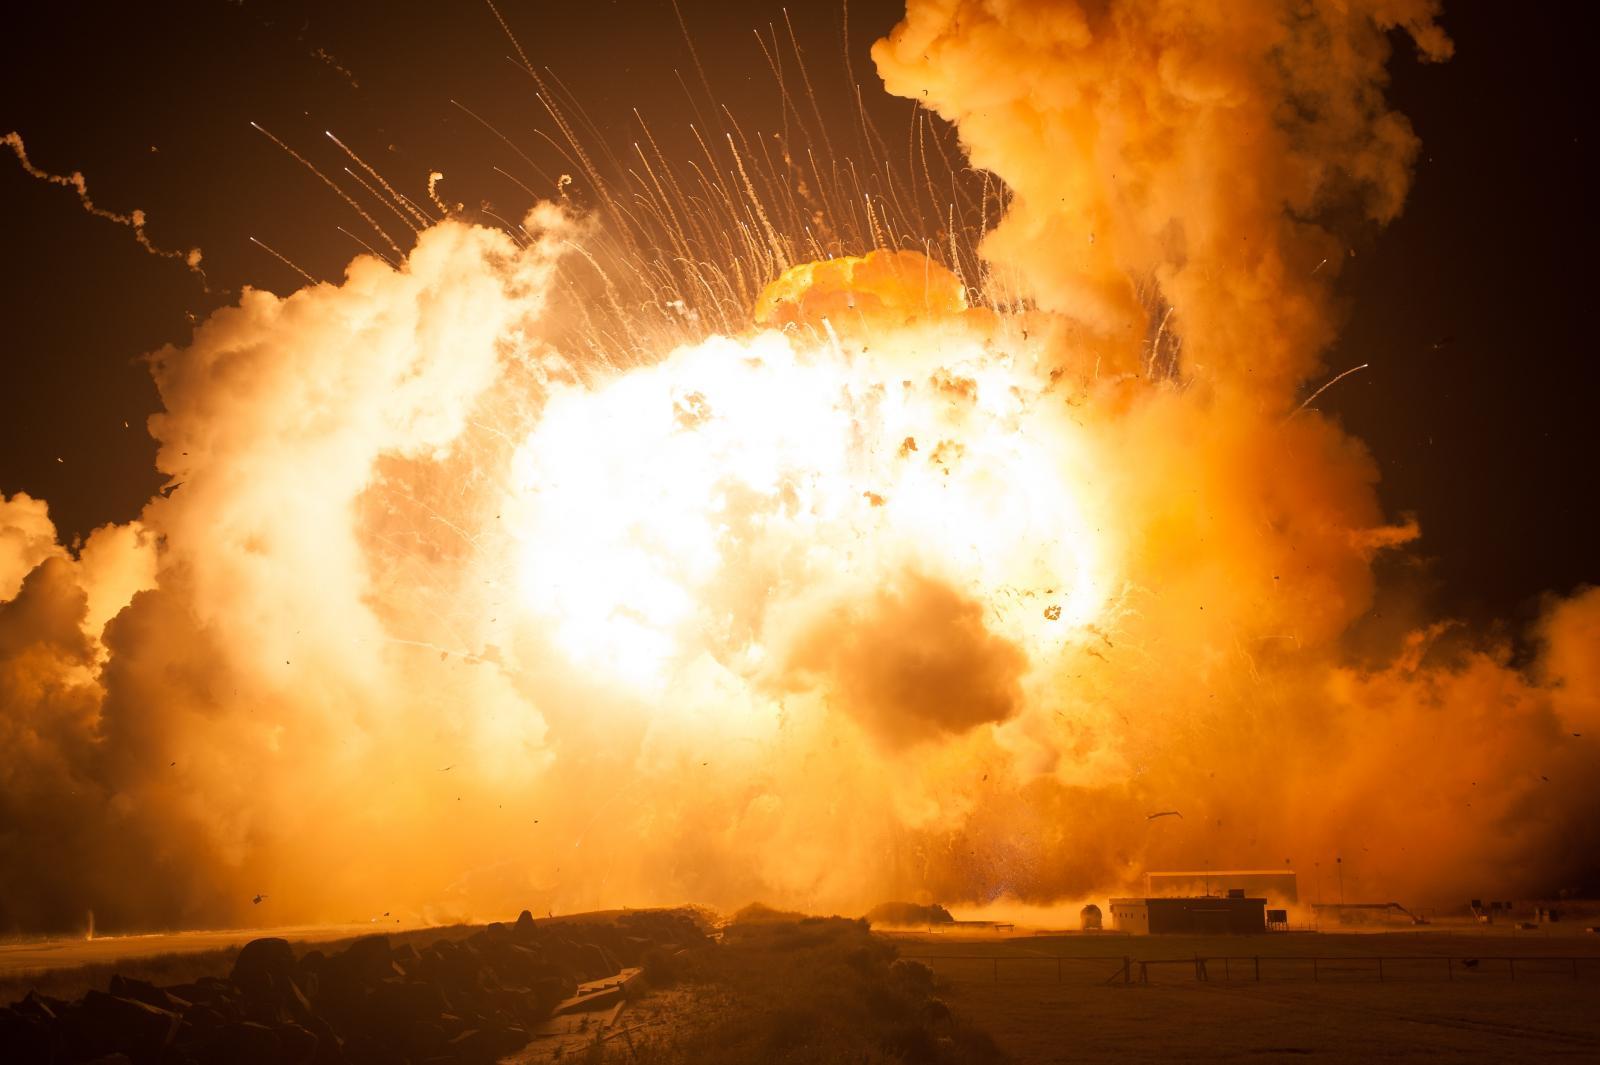 На полигоне в РФ, где произошел взрыв, могли испытывать крылатую ракету...